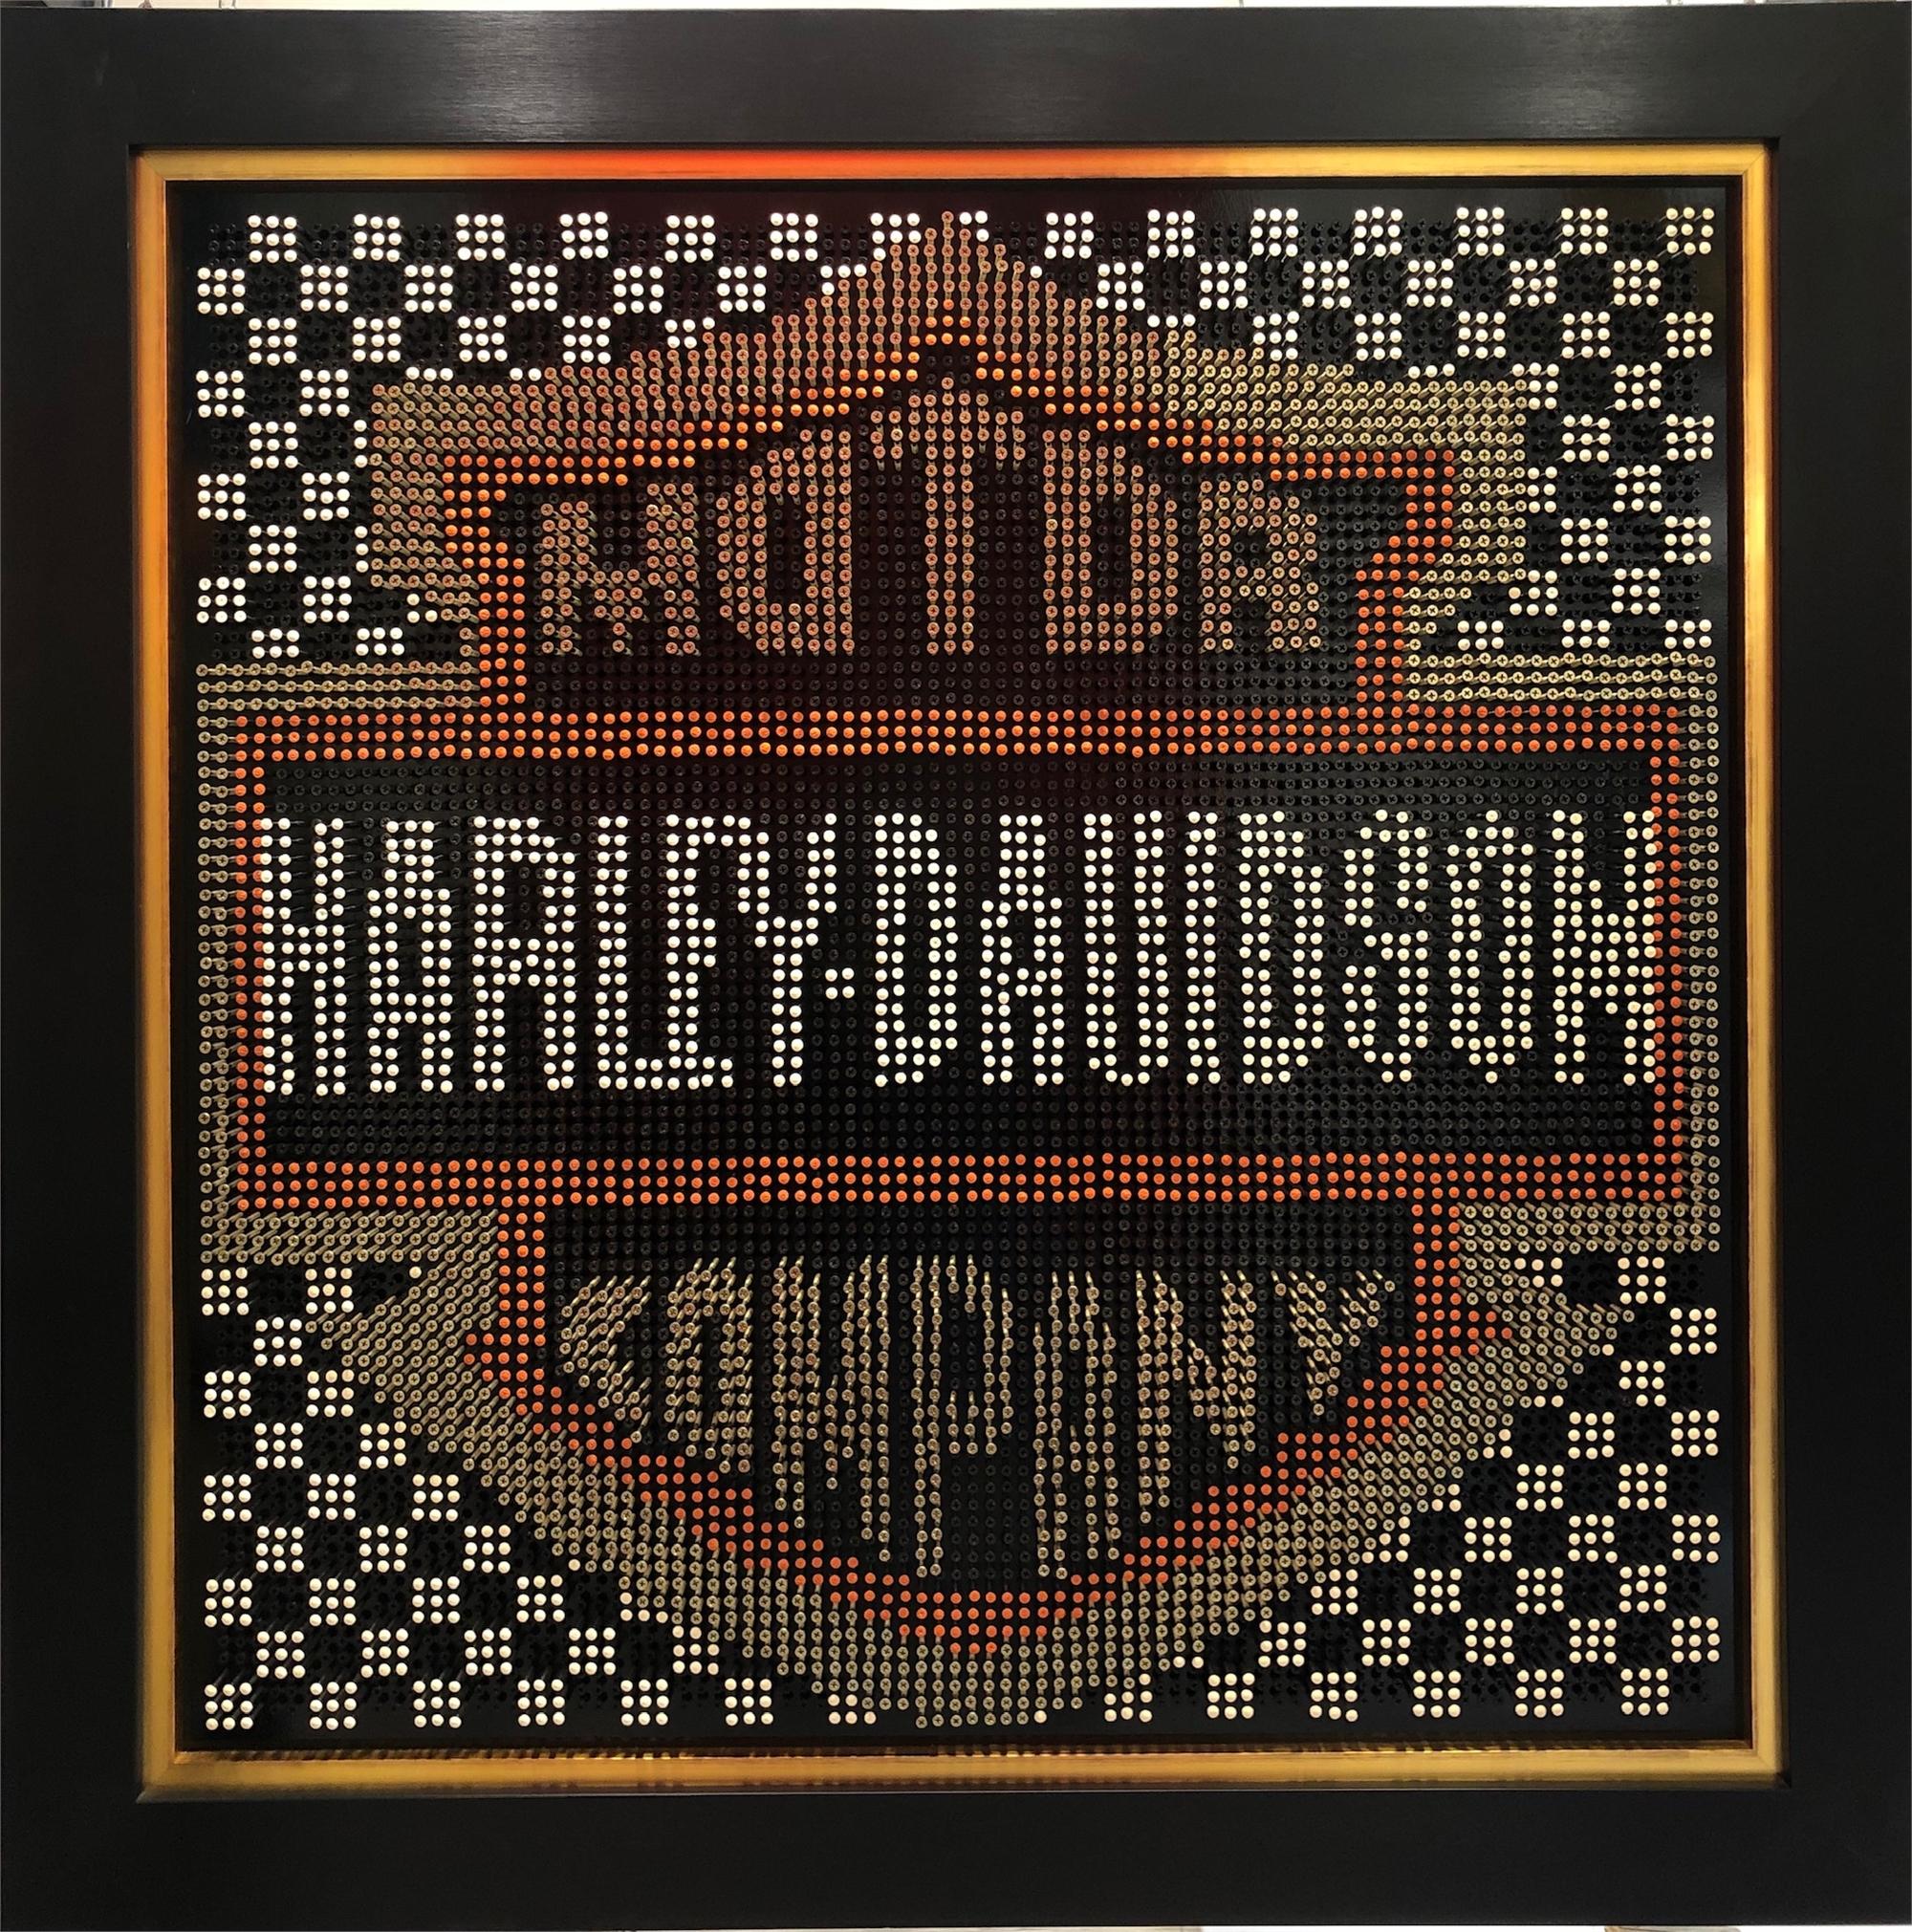 Harley Davidson by Efi Mashiah